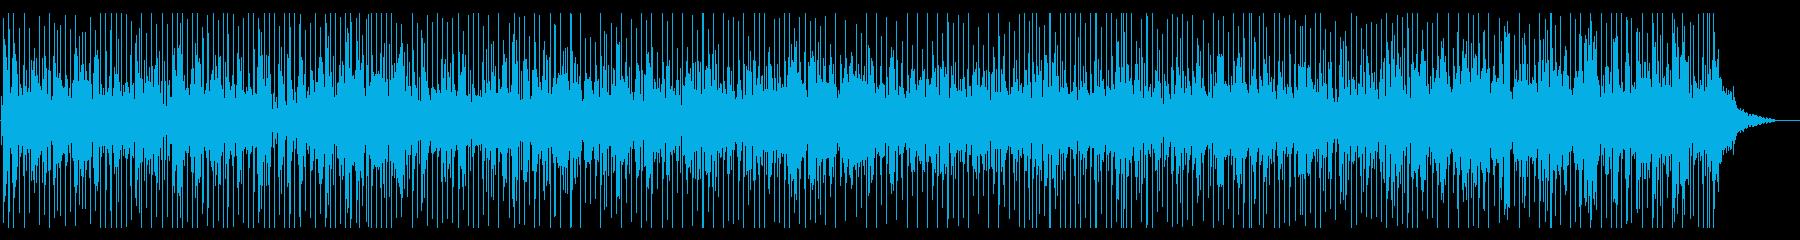 ピアノが印象的な爽やかな作品の再生済みの波形